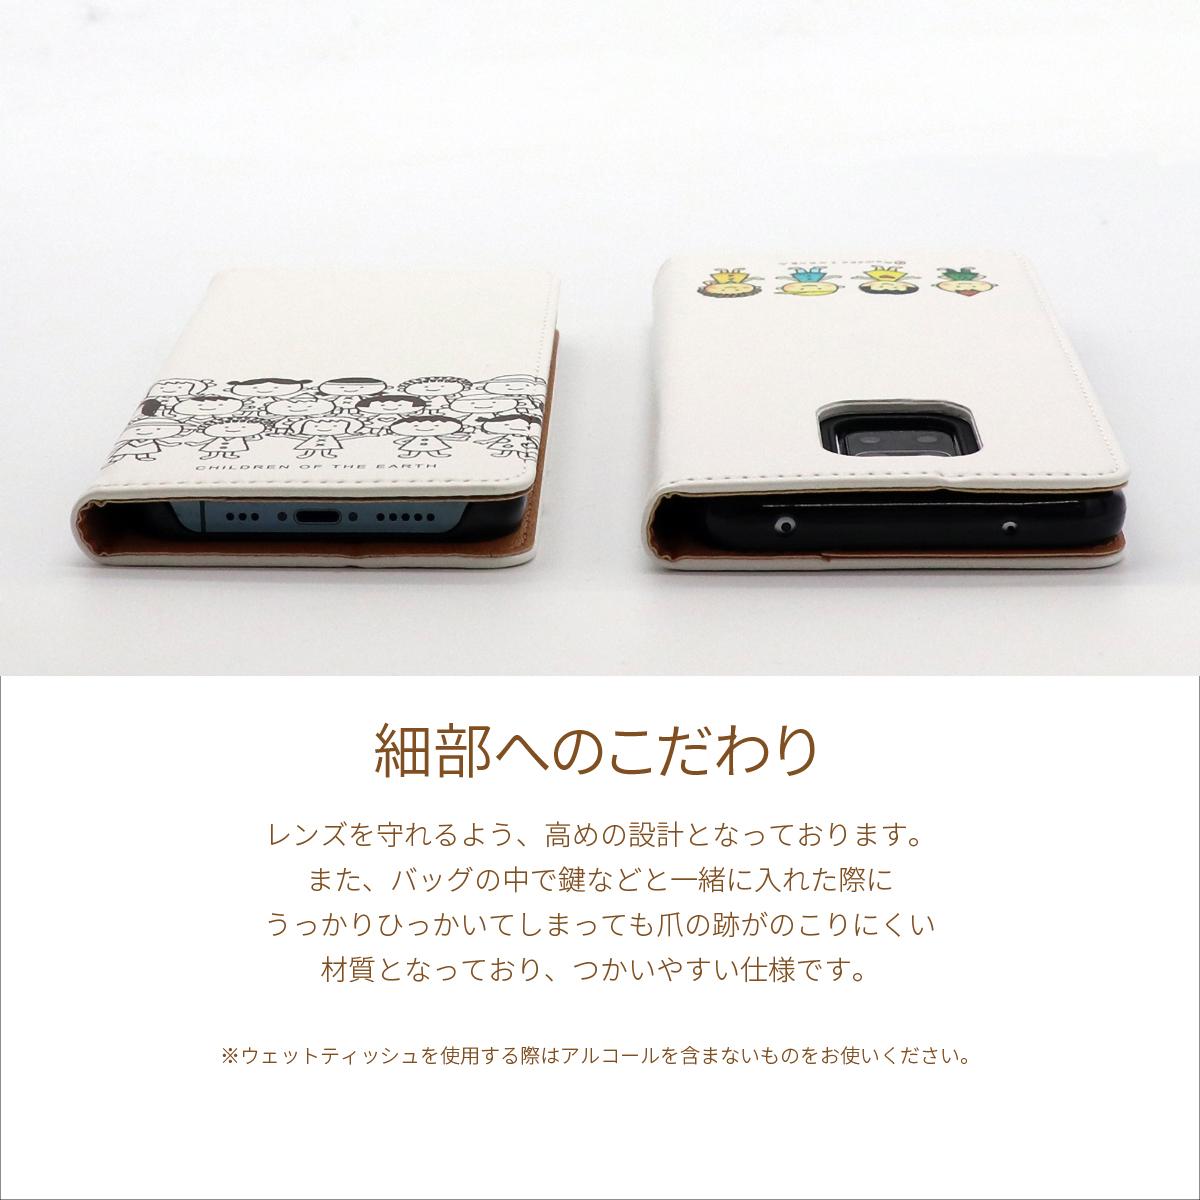 さくらももこ 地球の子供たち UMIDIGI ケース A9 Pro A7S A3X X Power3 手帳型 ベルト無し ケース ブック型ケース 財布型 カバー 軽量 手帳型カバー 手帳型ケース カード収納 カードポケット スタンド ストラップホール